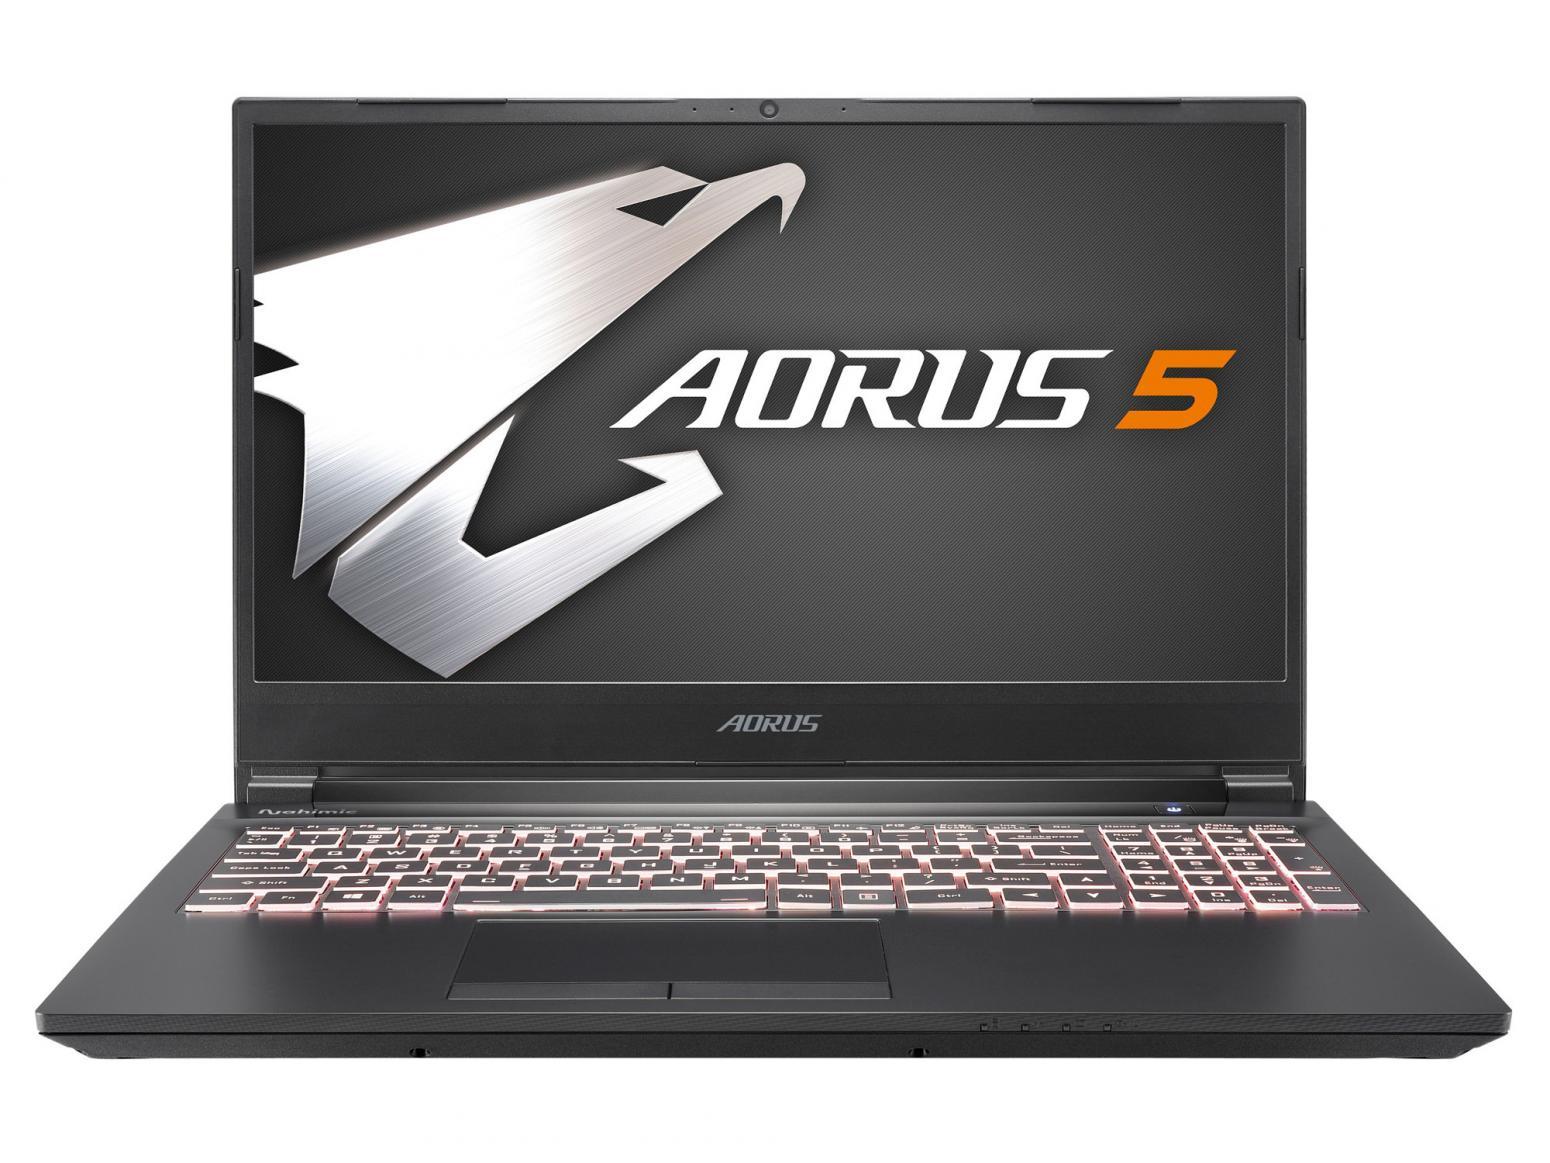 Ordinateur portable Aorus 5 KB-7FR1130SH - GeForce RTX 2060, 144Hz, SSD 512 Go, Comet-H - photo 6